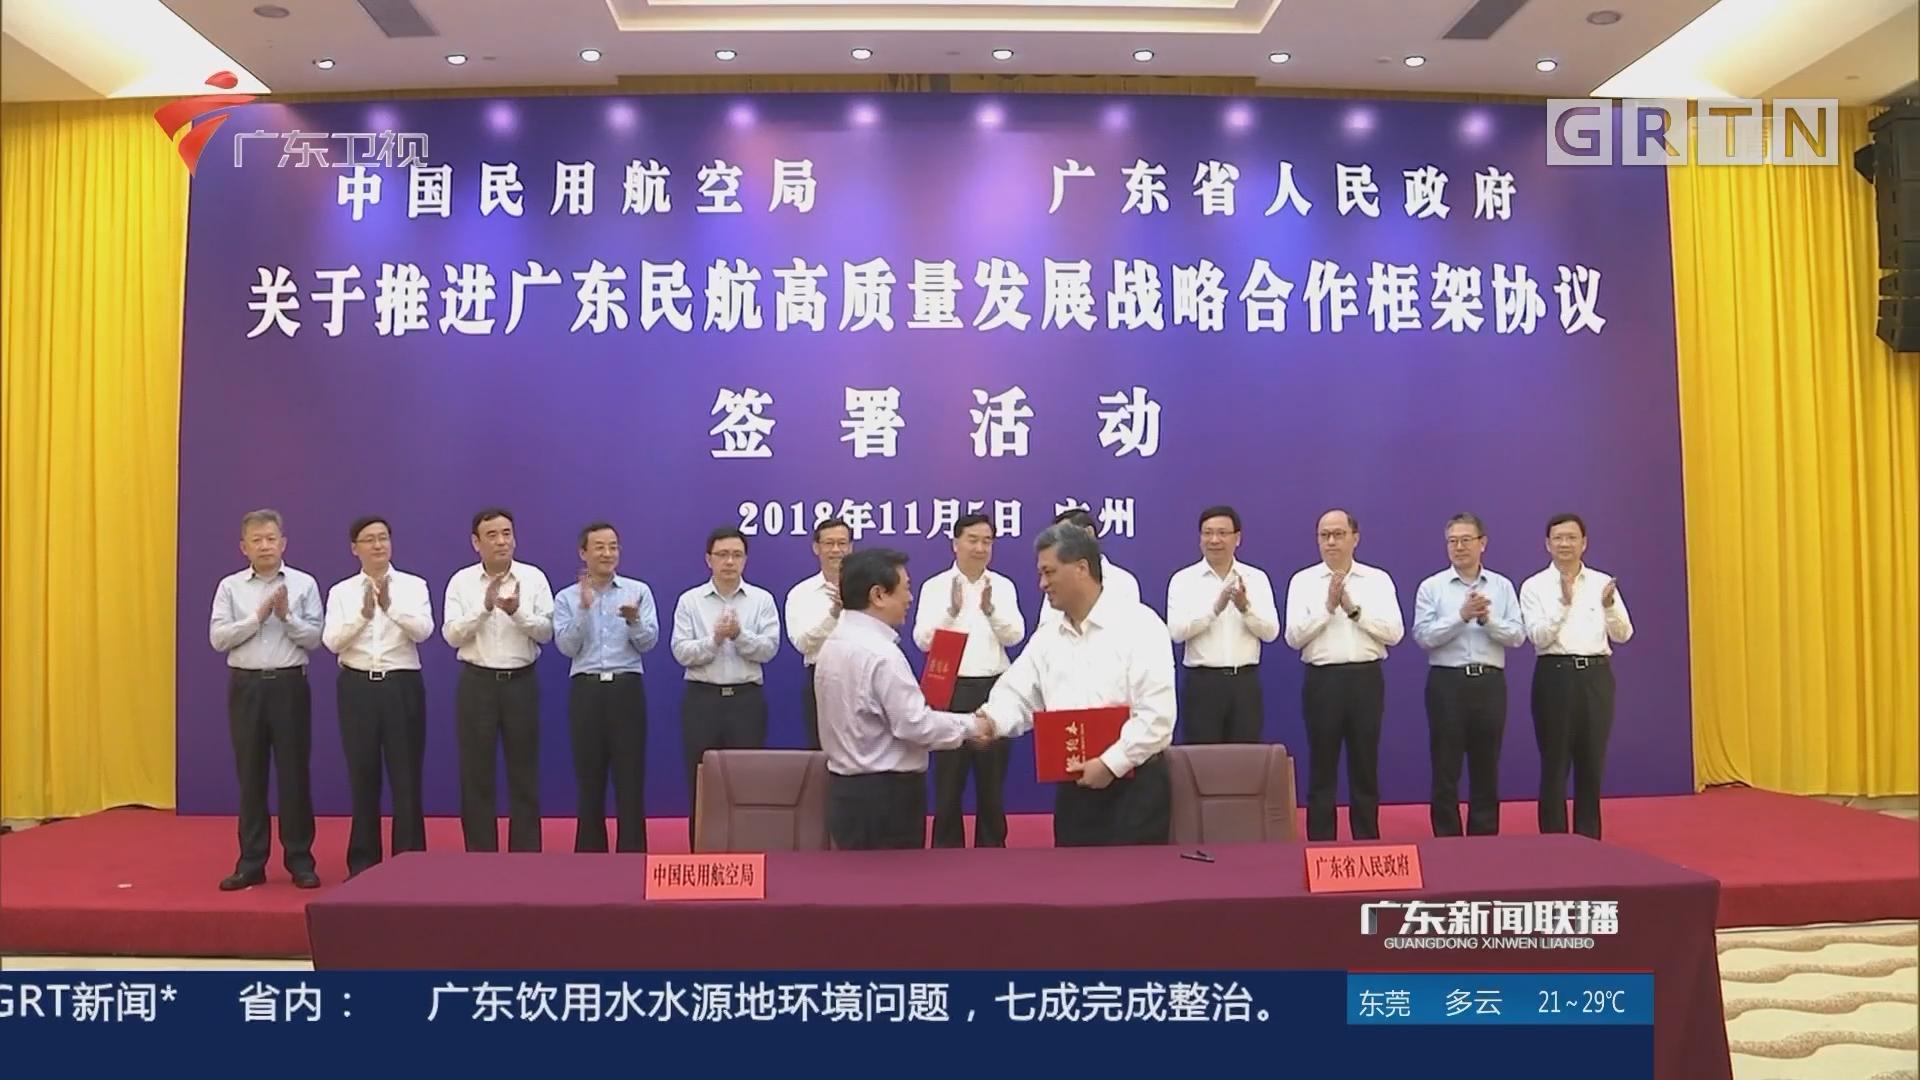 民航局与广东签署战略合作框架协议 李希 冯正霖 马兴瑞出席活动